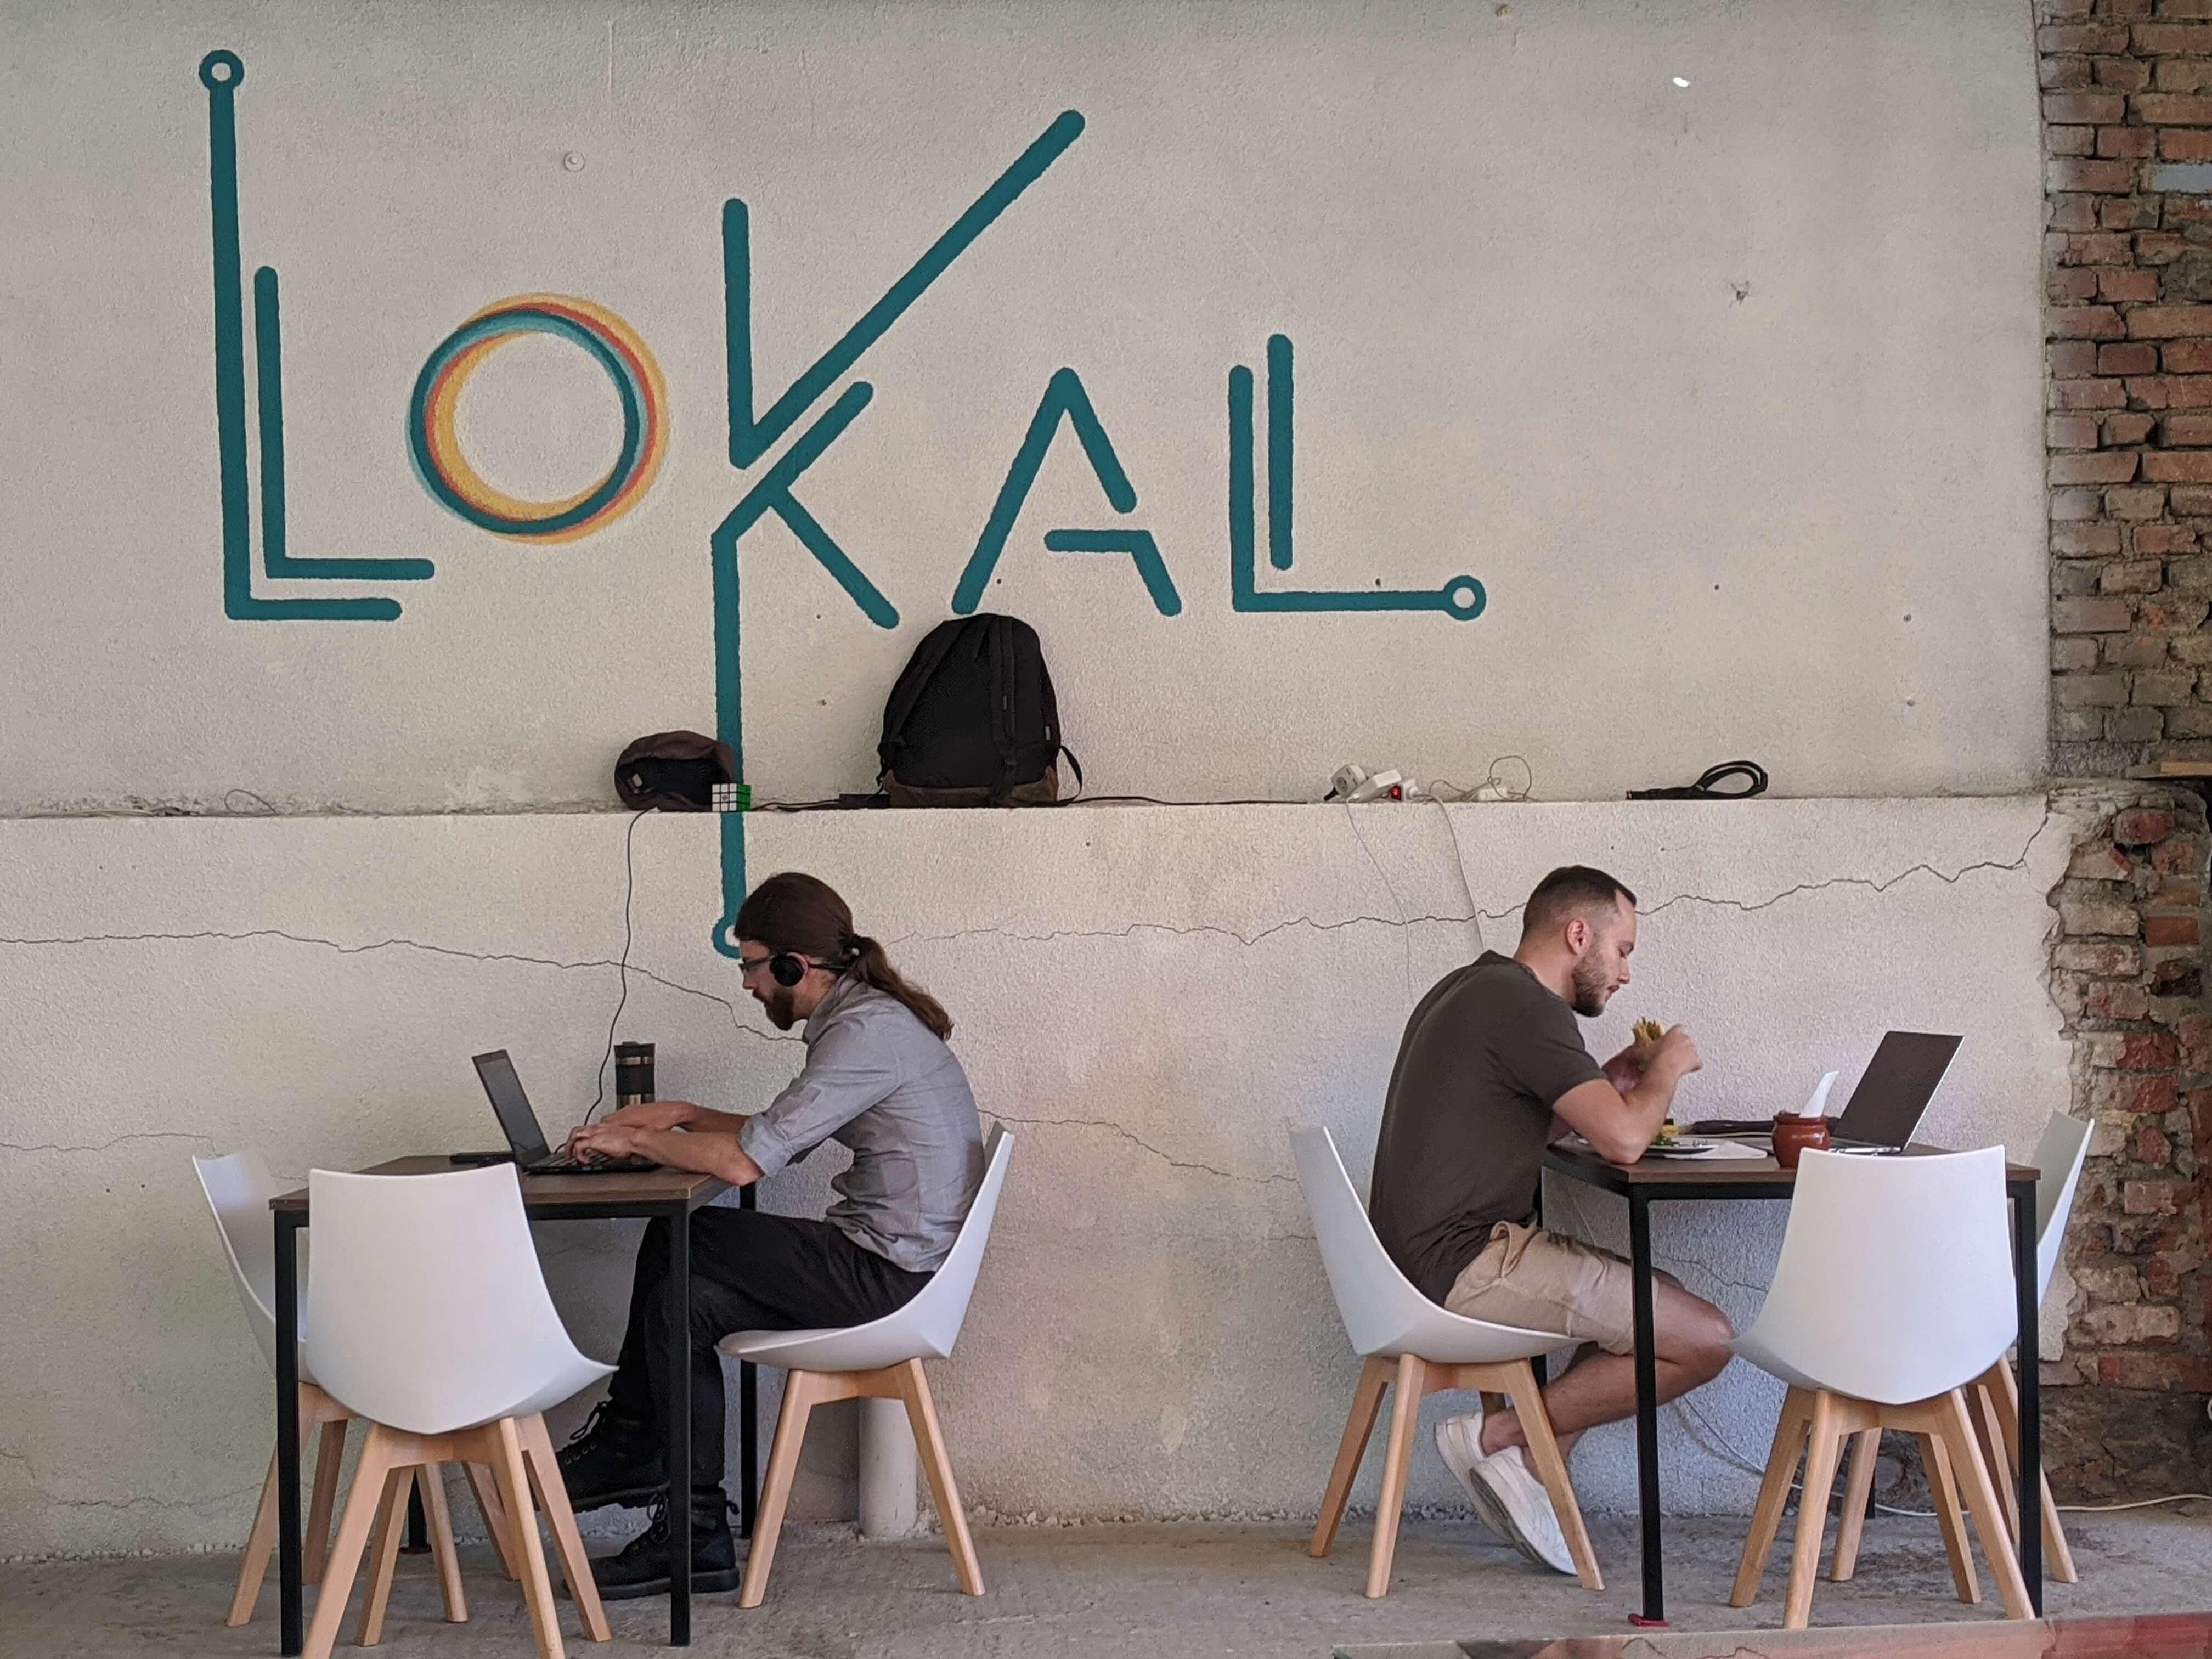 LOKAL Tbilisi Cowork